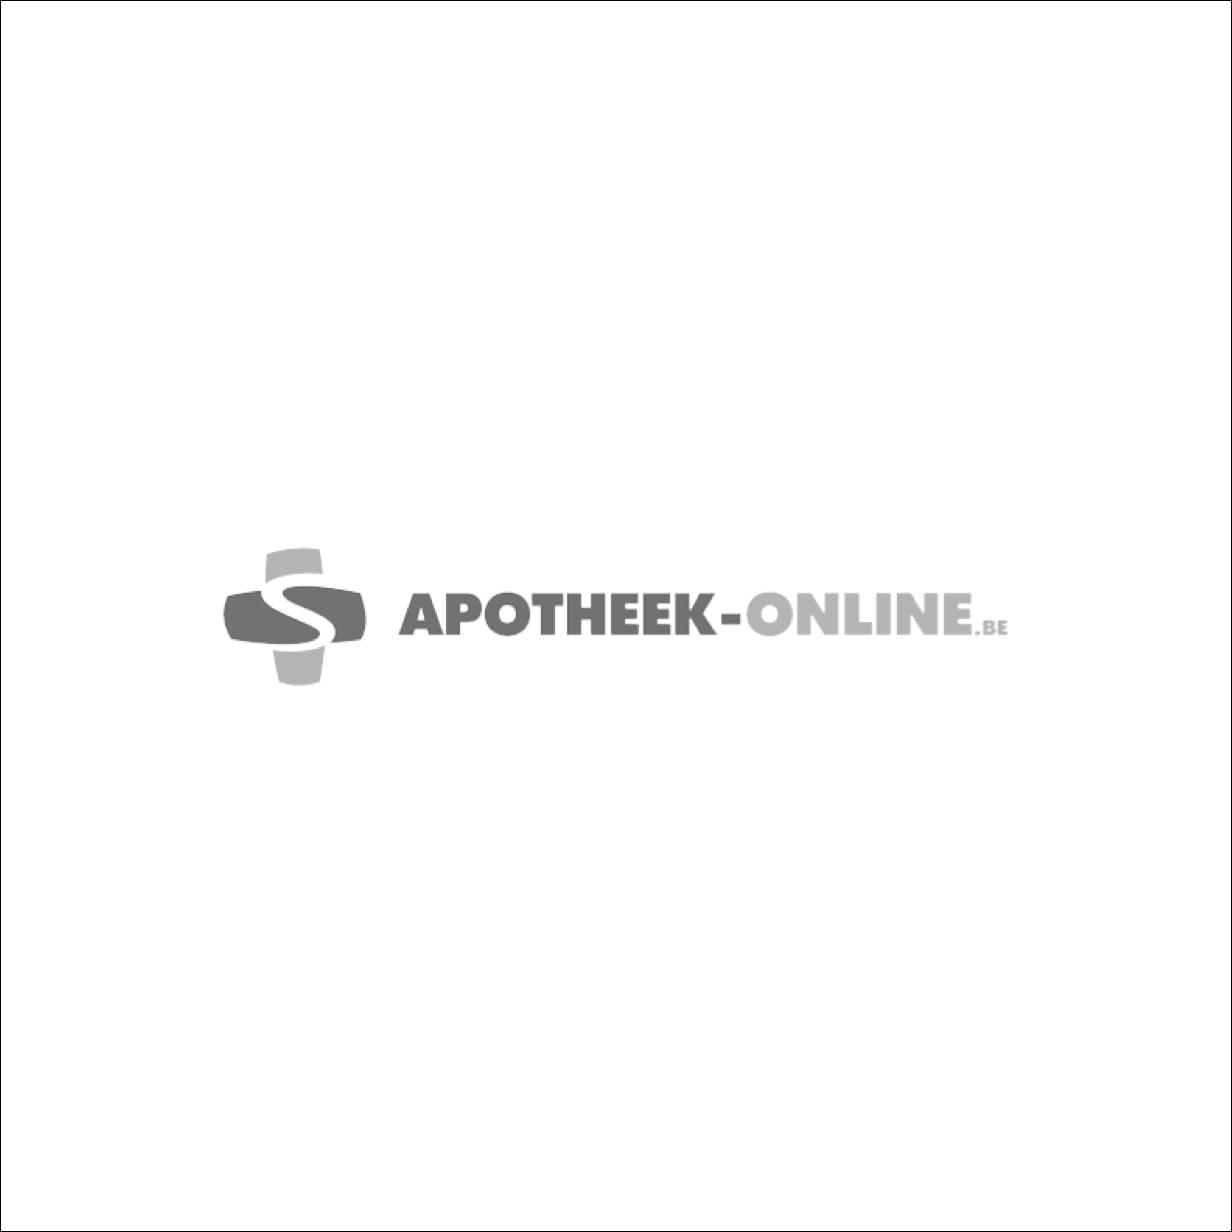 CURAPOR TRANSPARENT STERIL 10CMX20CM 25 13104